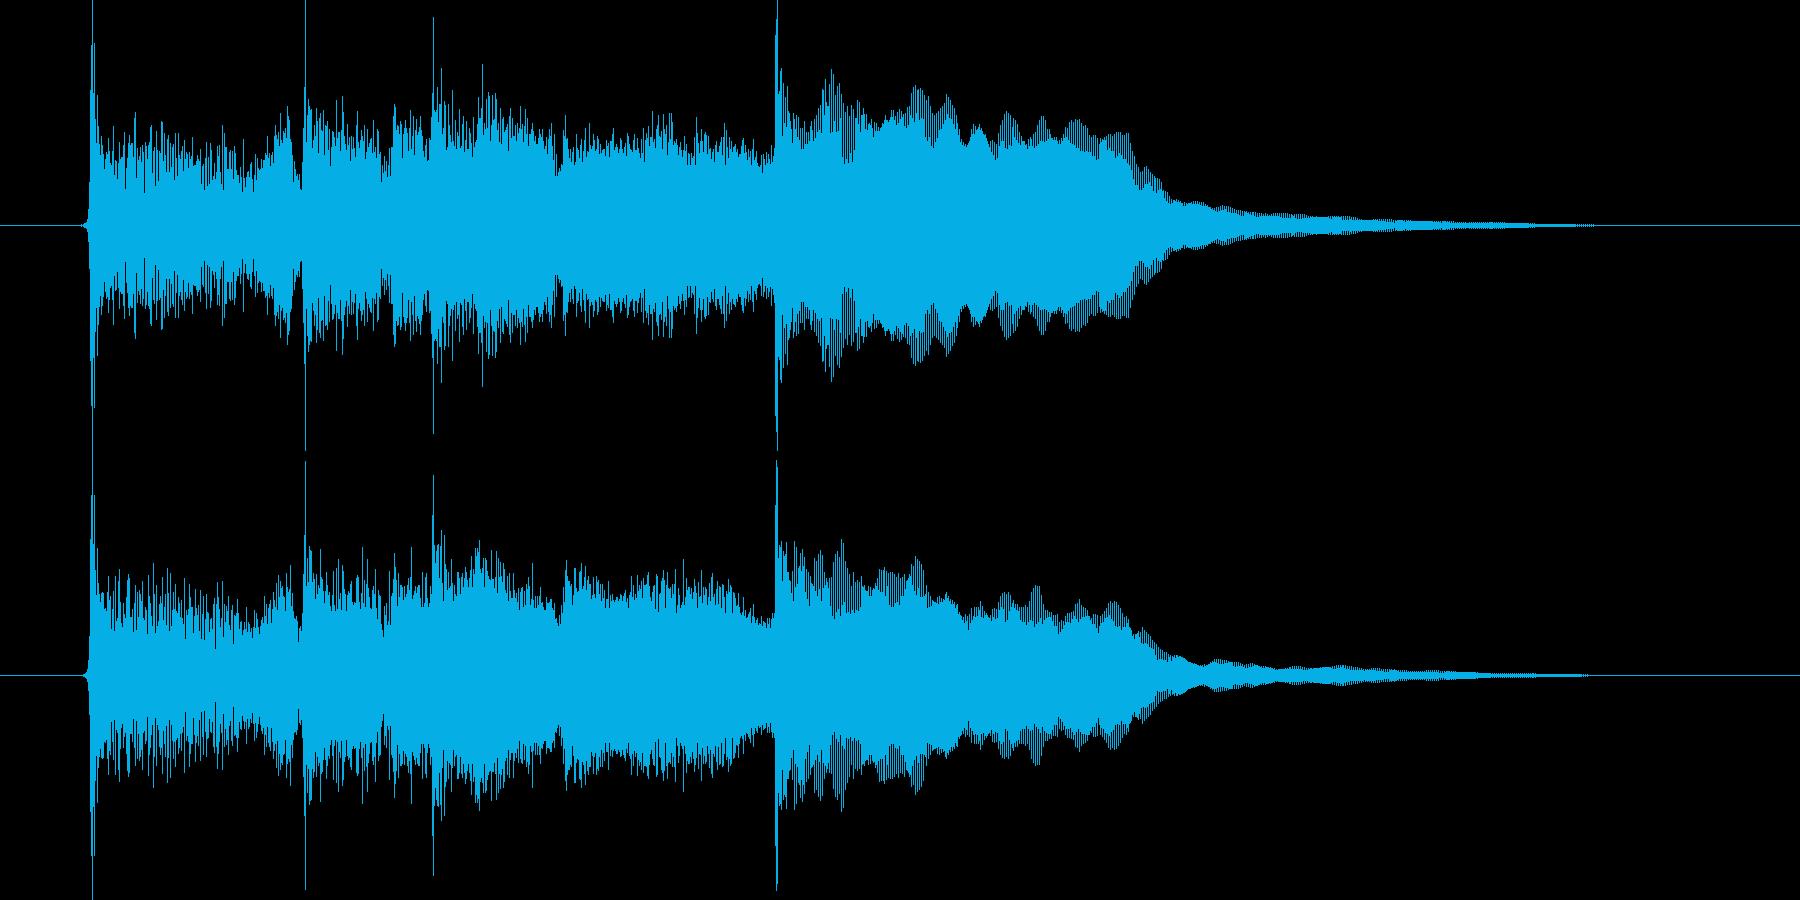 落ち着いたリラクゼーションの音楽の再生済みの波形